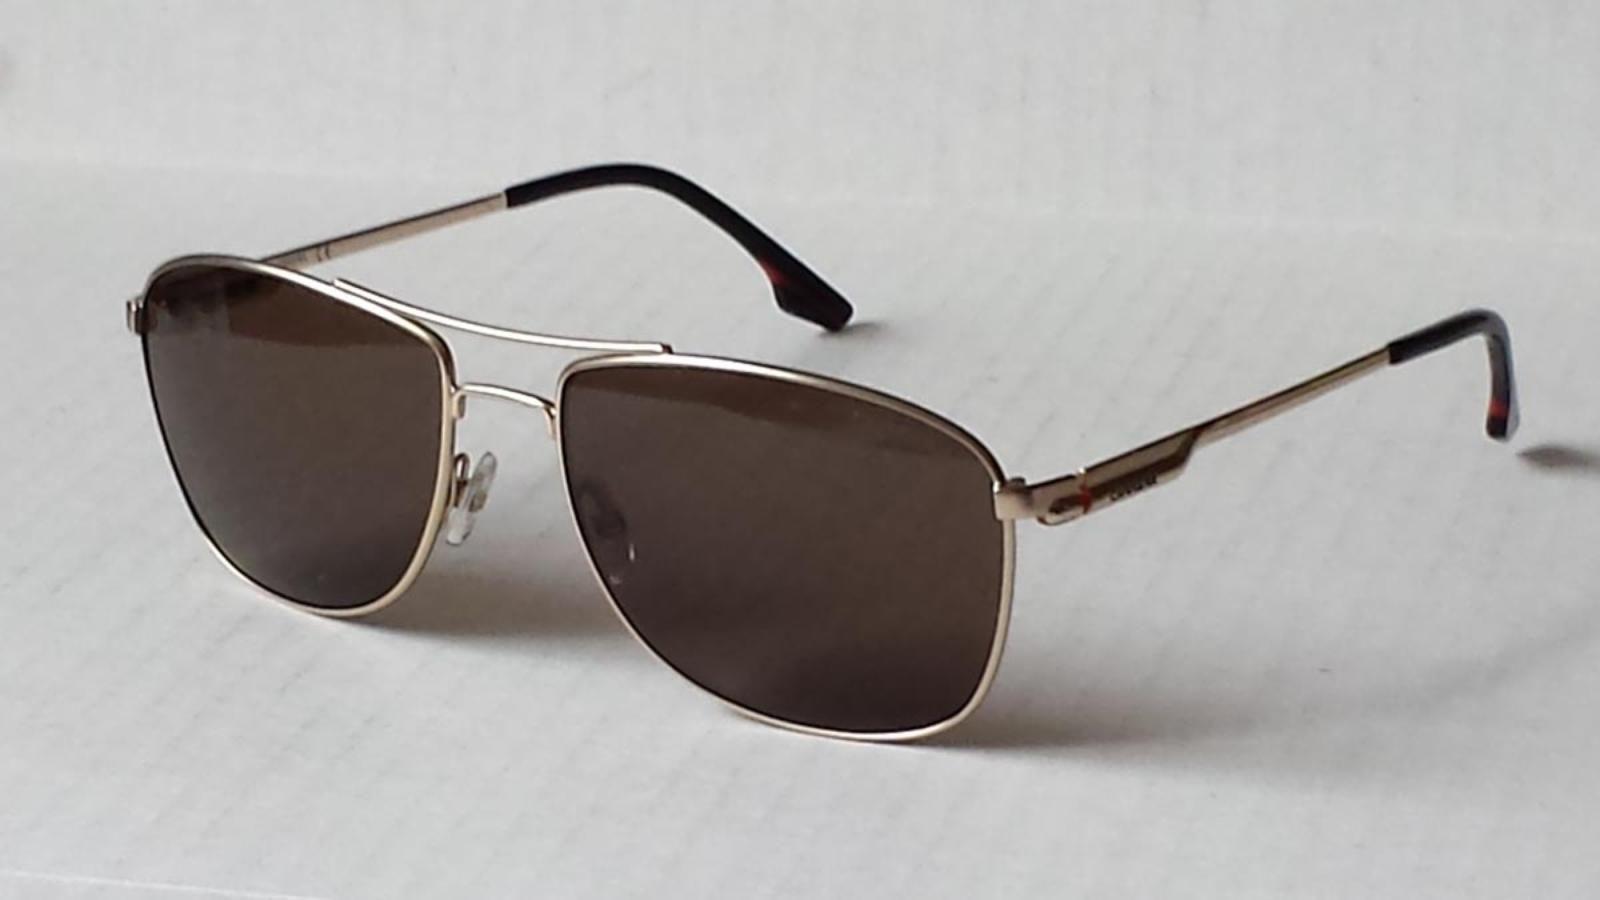 2f0de55a65f0 Carrera White Sunglasses Ebay - Restaurant and Palinka Bar